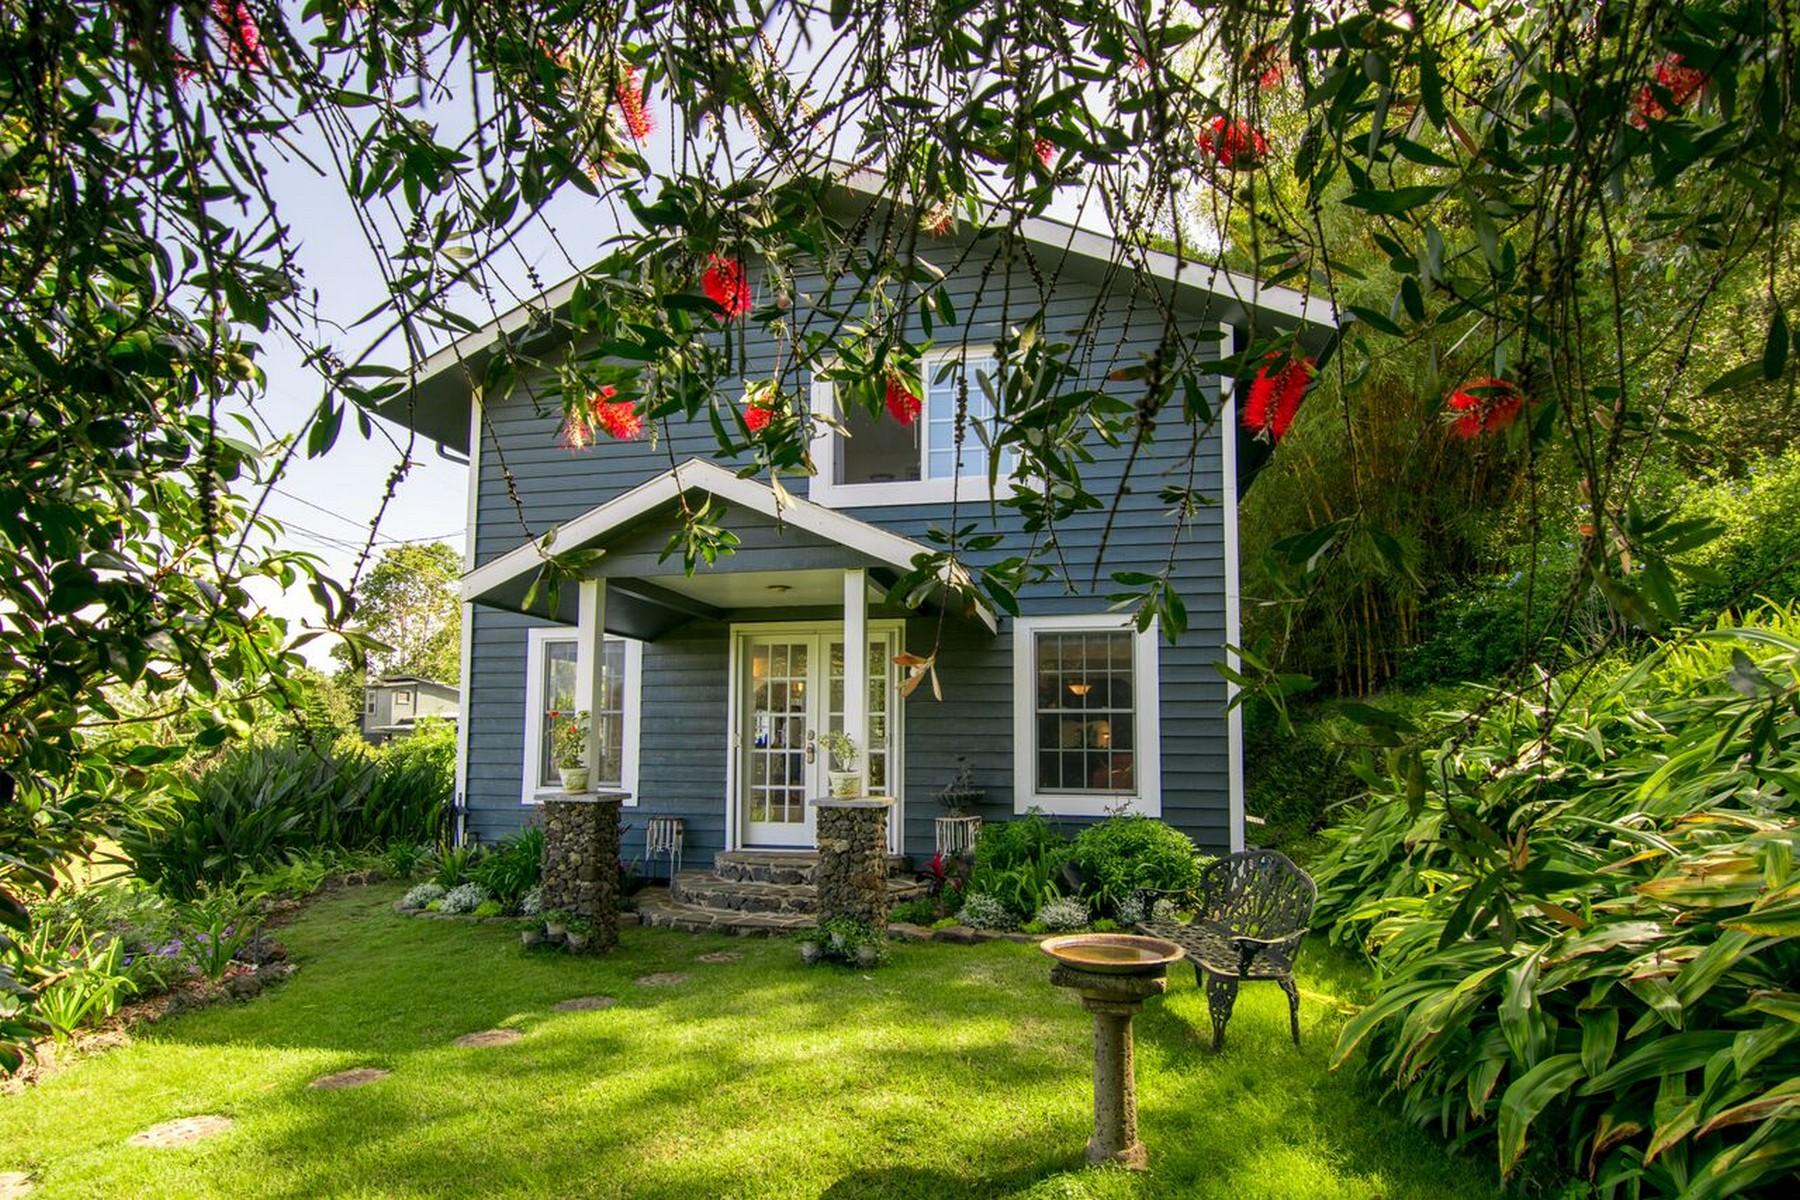 Maison unifamiliale pour l Vente à Keokea Charmer, Views, Home, Coffee Orchard, Bonus on 1.8 Acres 9310 Lower Kula Highway Kula, Hawaii, 96790 États-Unis